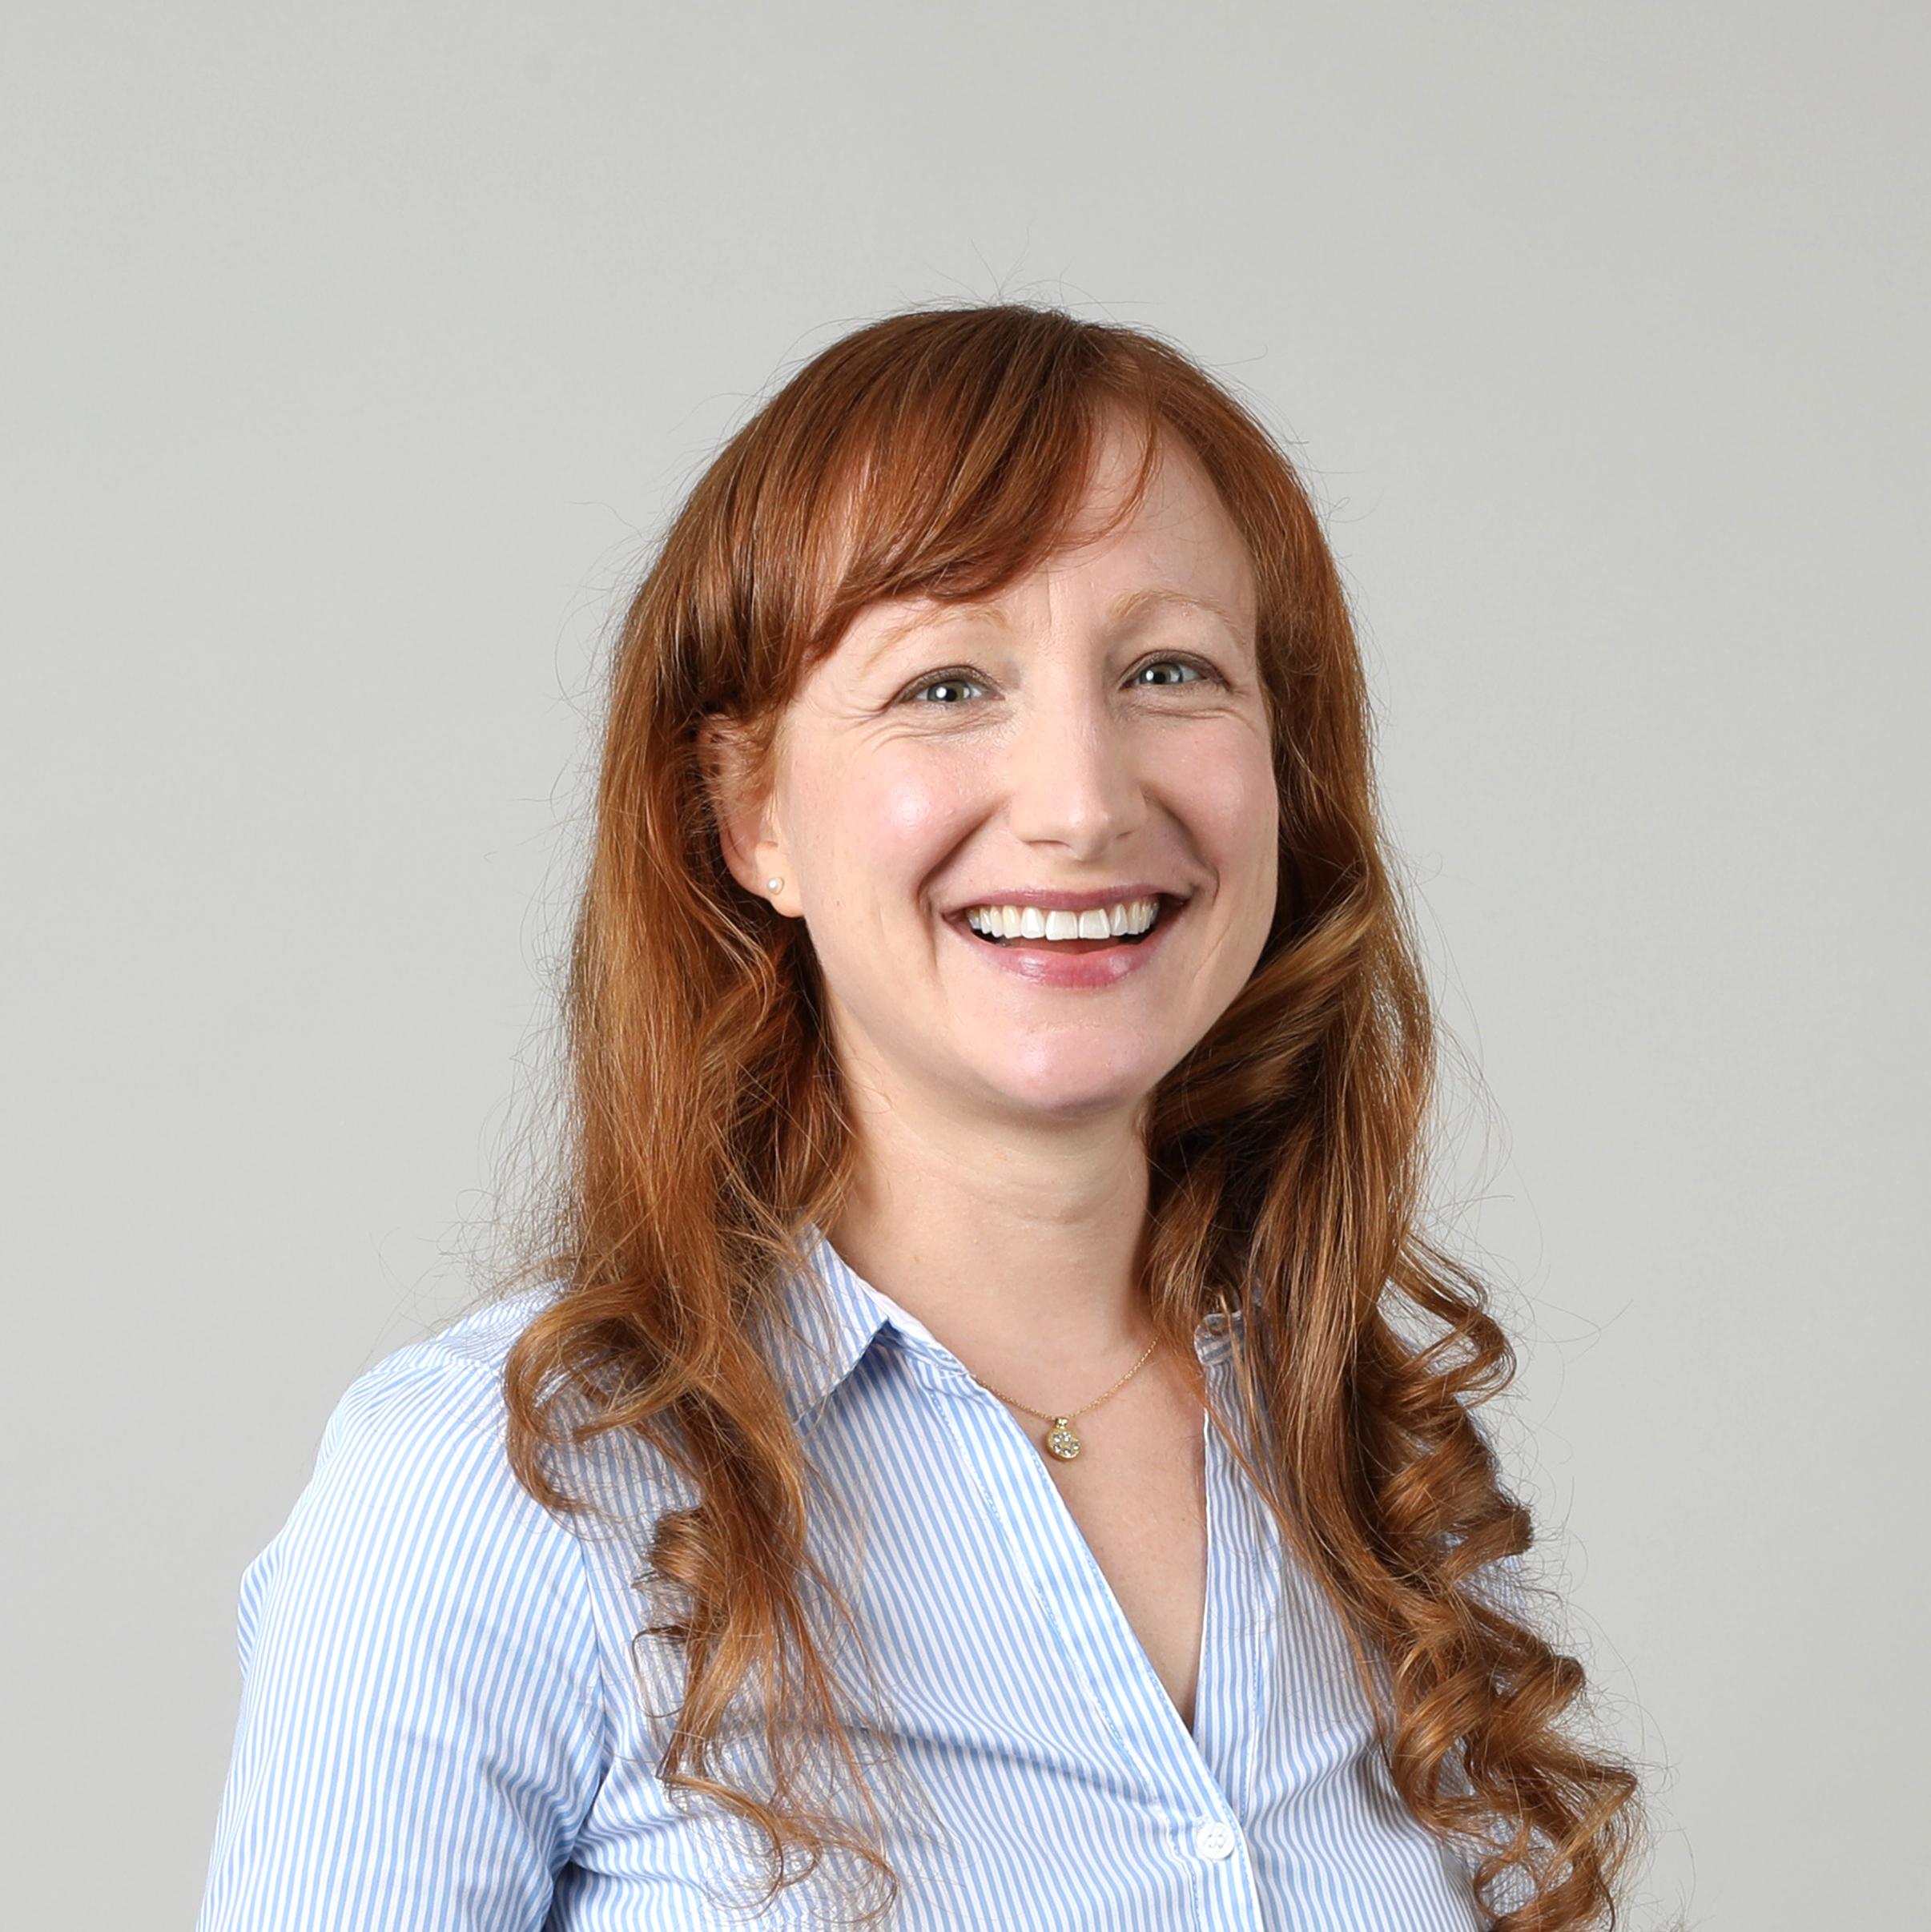 Rachel Olstein Kaplan